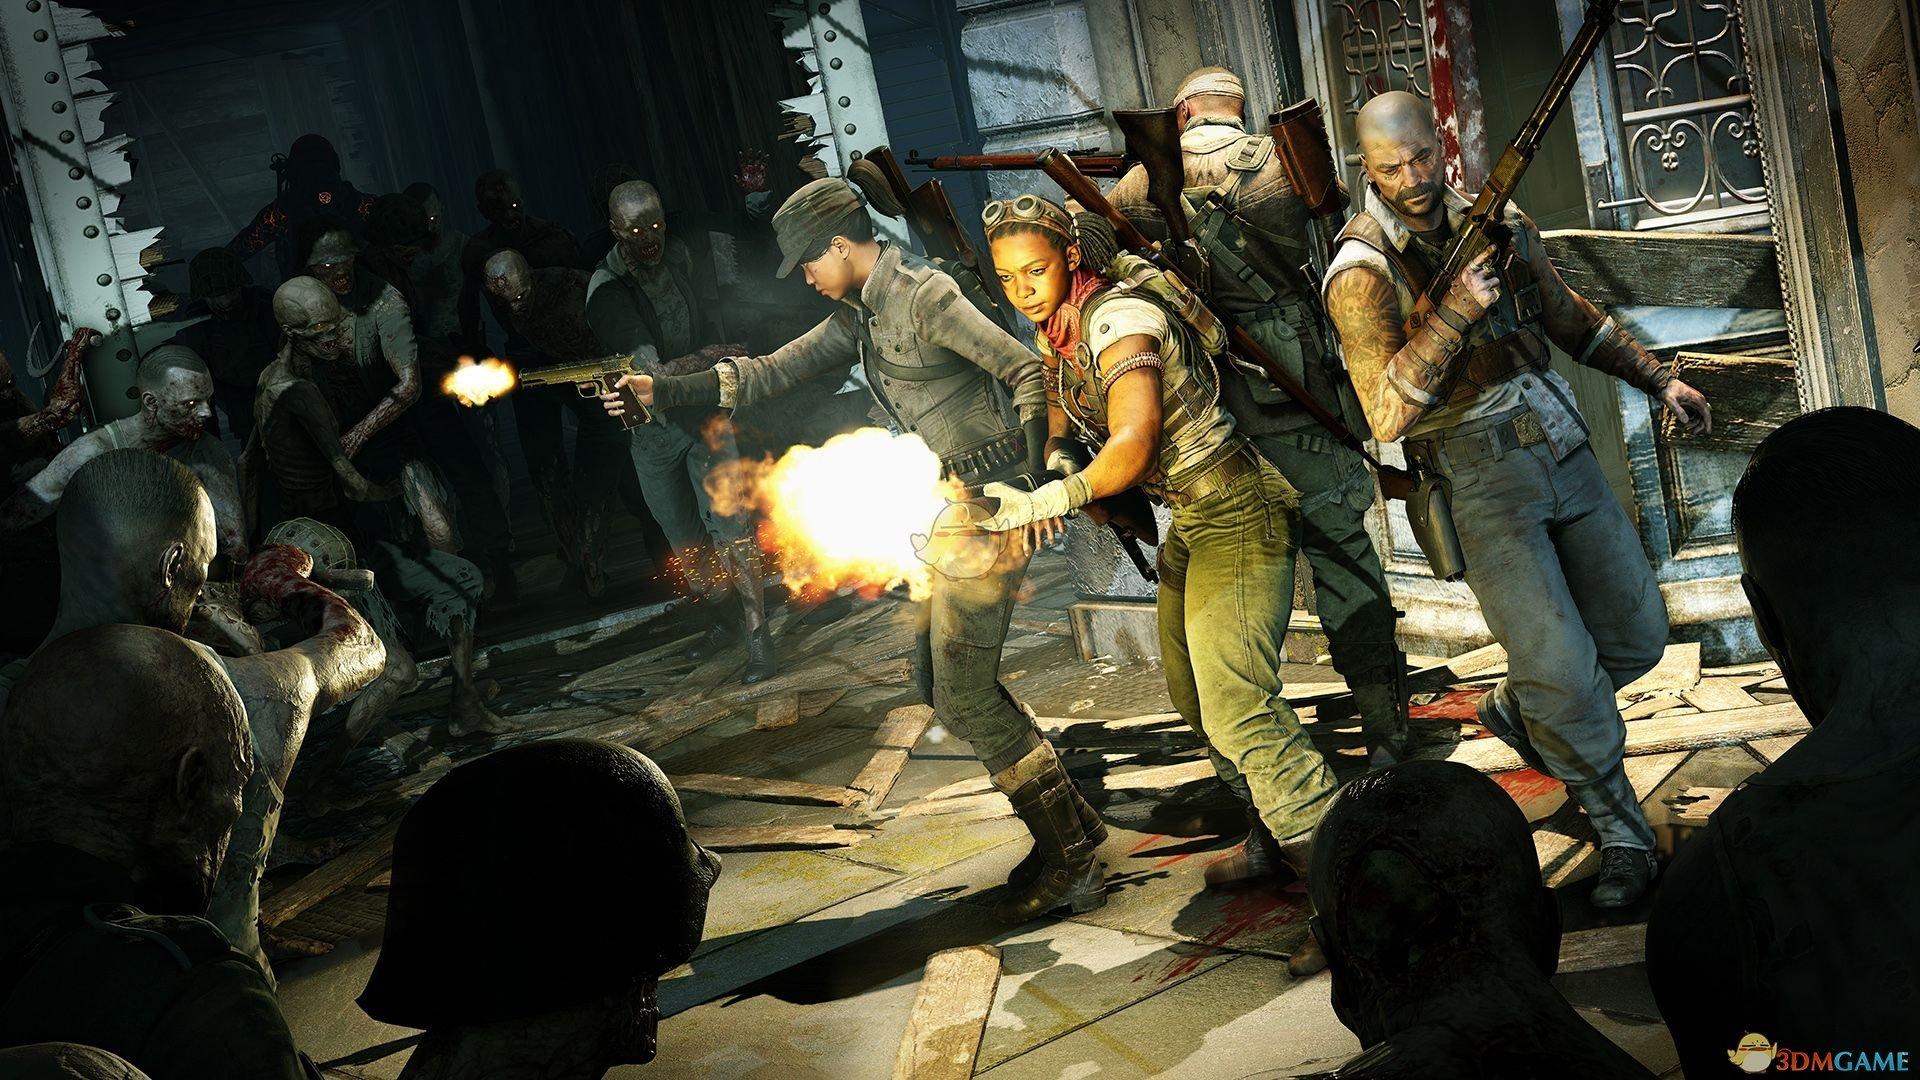 《僵尸部队4:亡灵大战》游戏体验分享